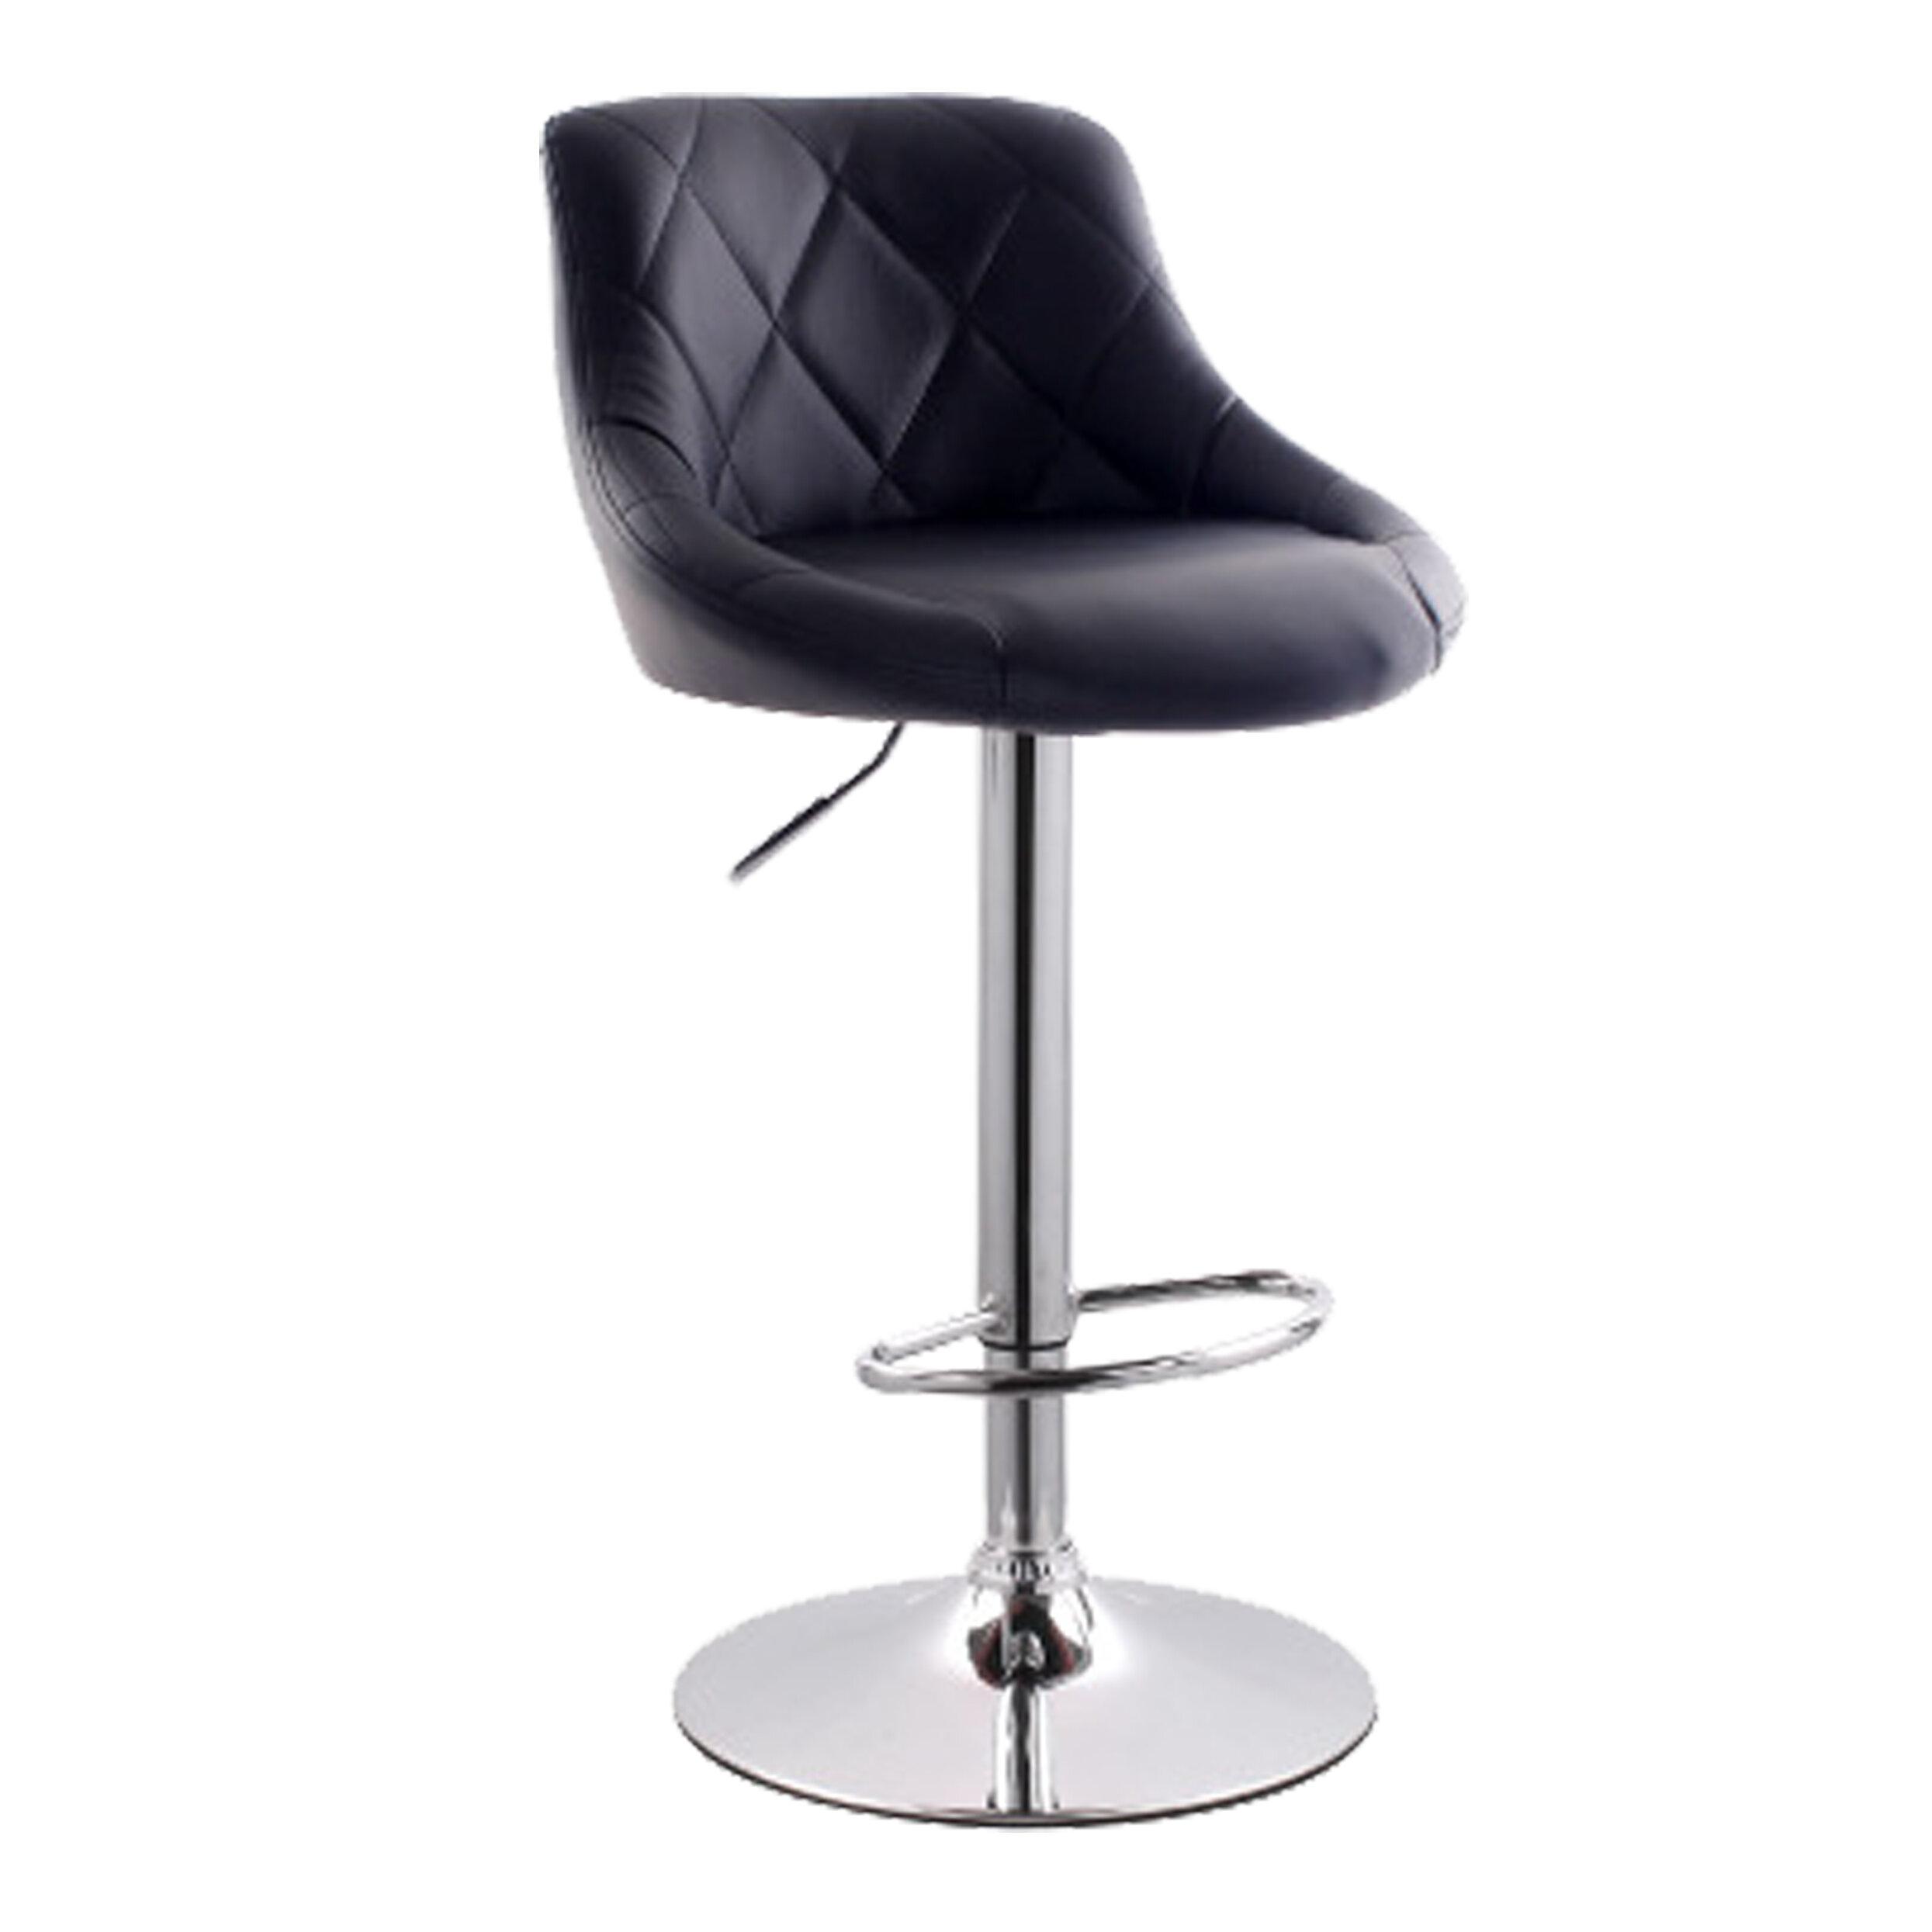 Tabourets de bar en bois  Style d assise - Assise ronde   Wayfair.ca dbd9f8fa3a68